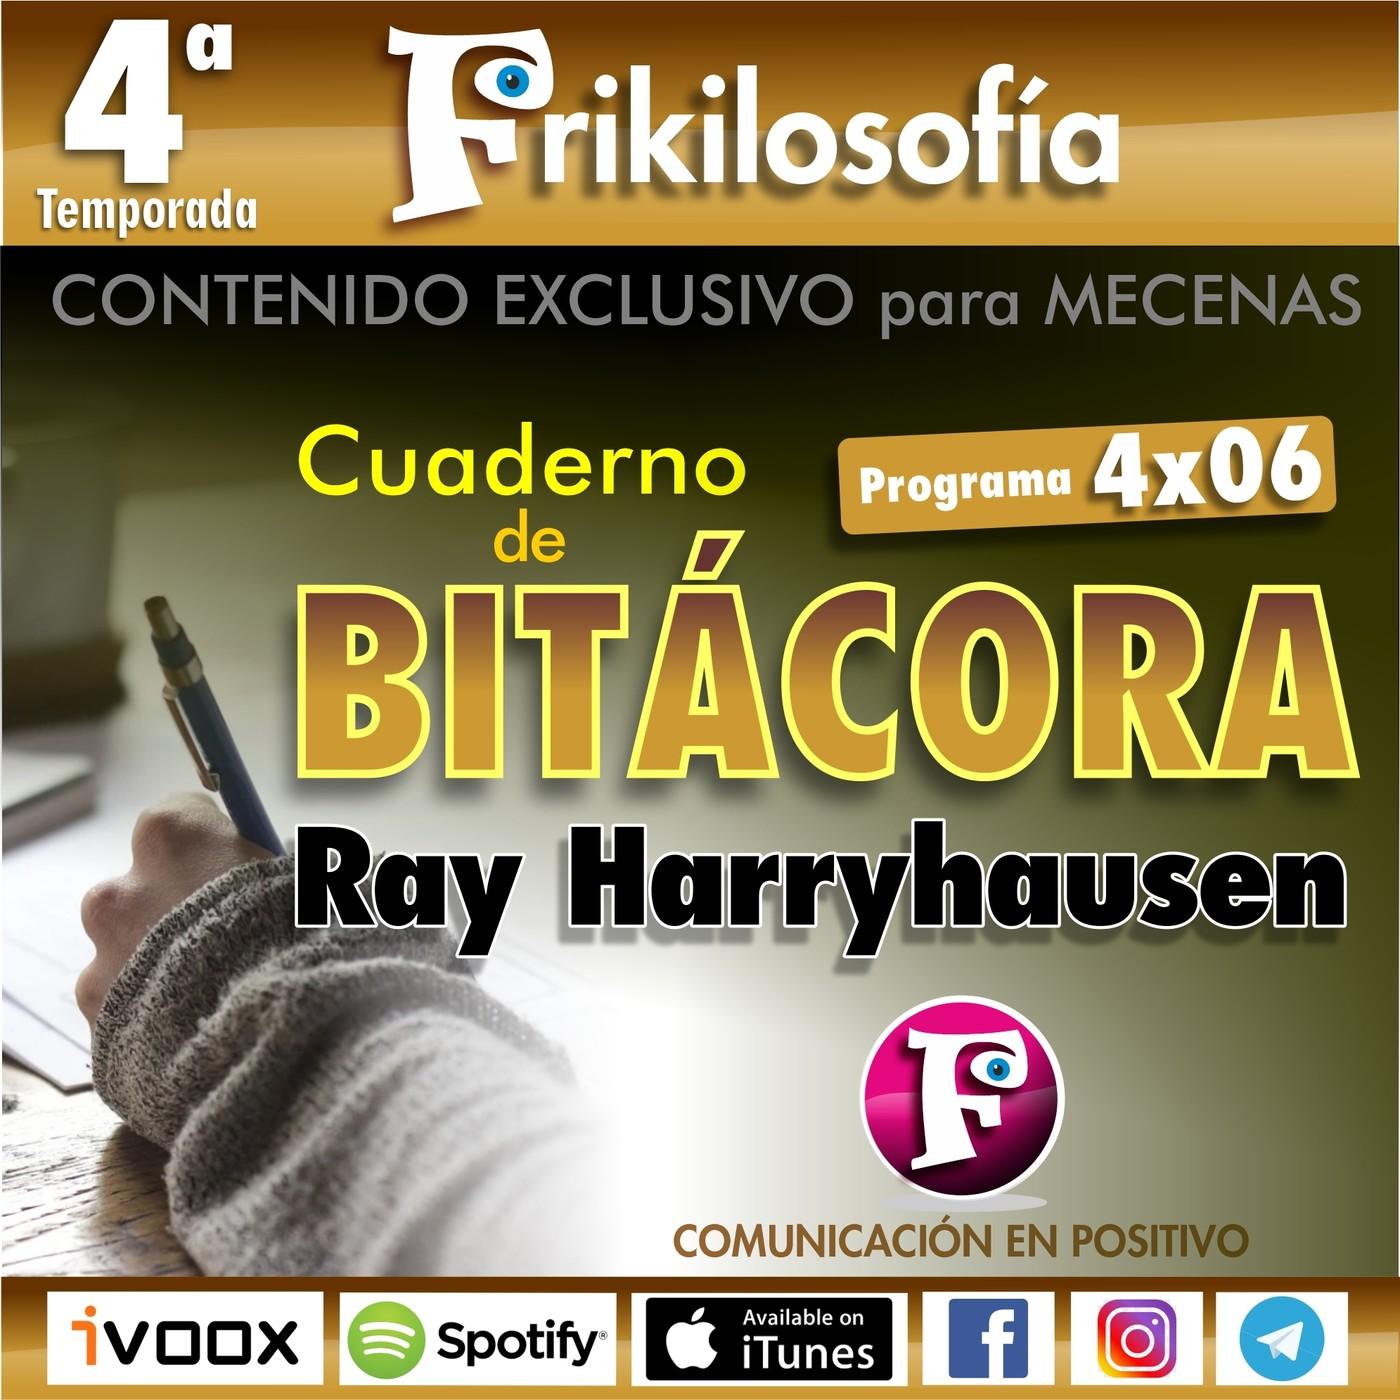 4x06. Contenido exclusivo. 100 AÑOS DE RAY HARRYHAUSEN. Cuaderno de bitácora.